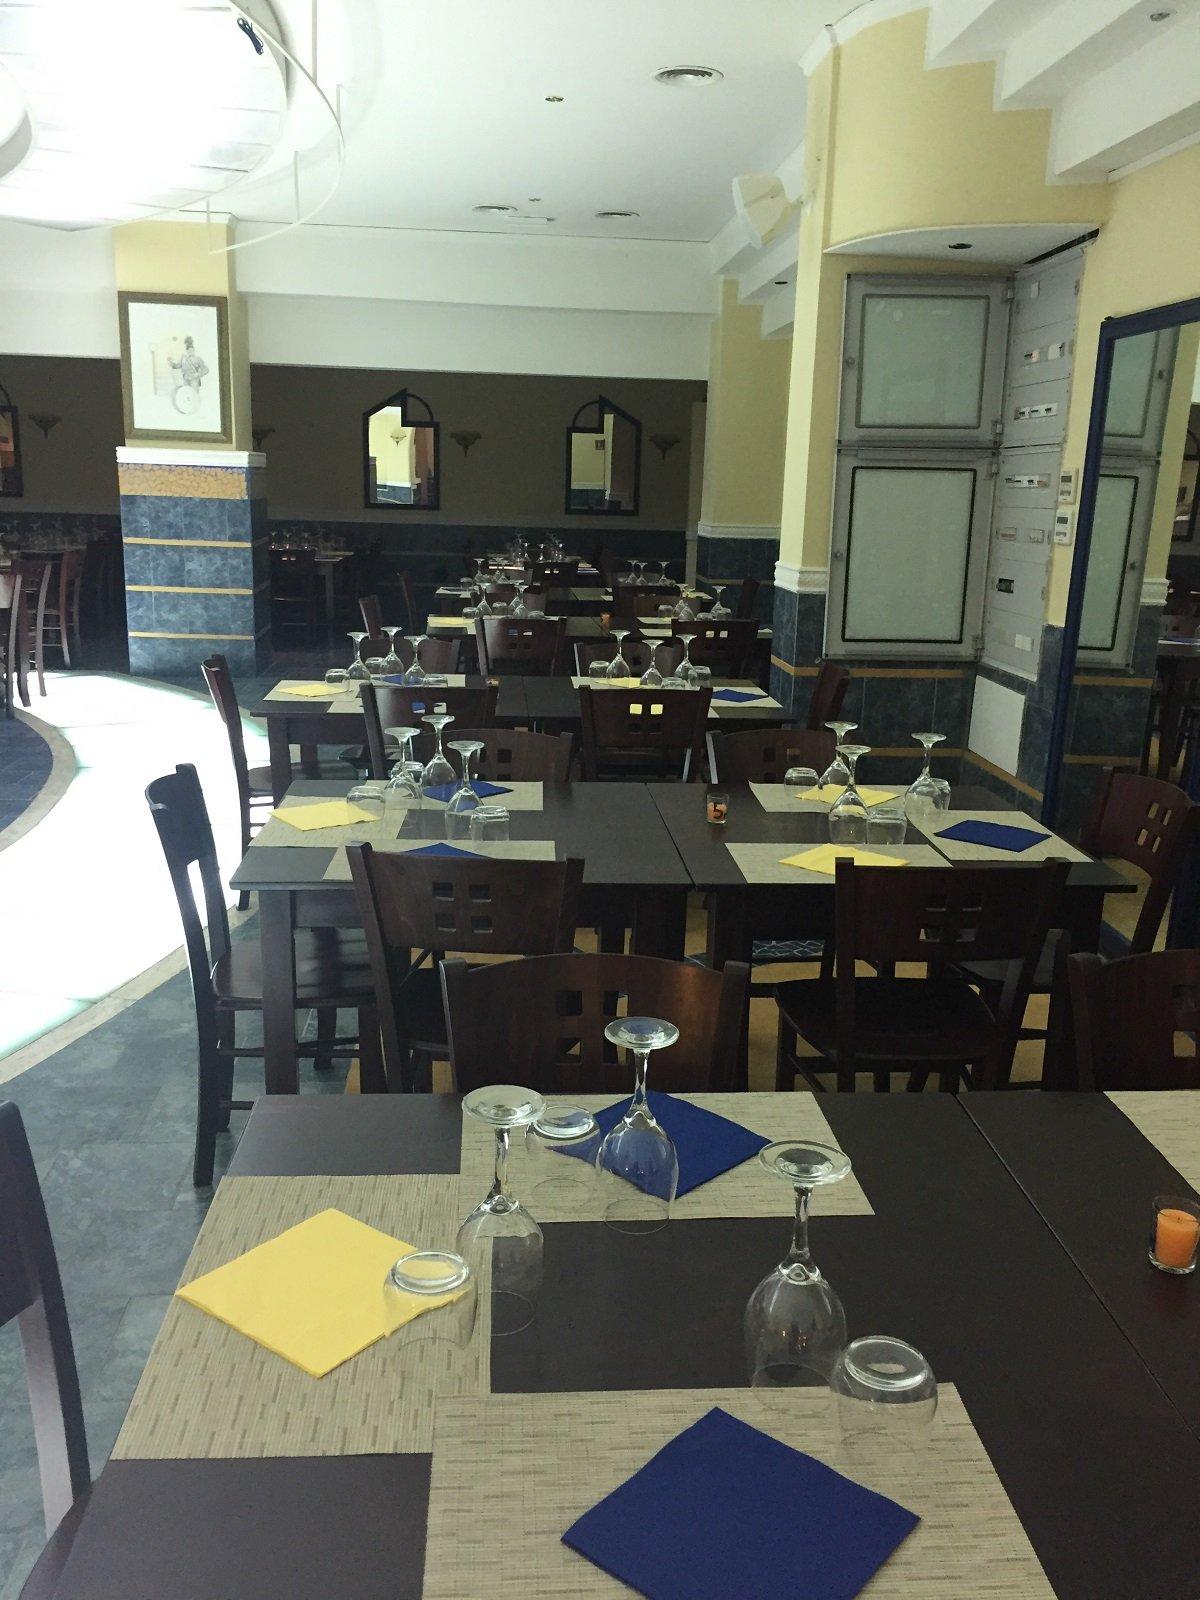 dei tavoli apparecchiati con tovagliette gialle e tovaglioli blu